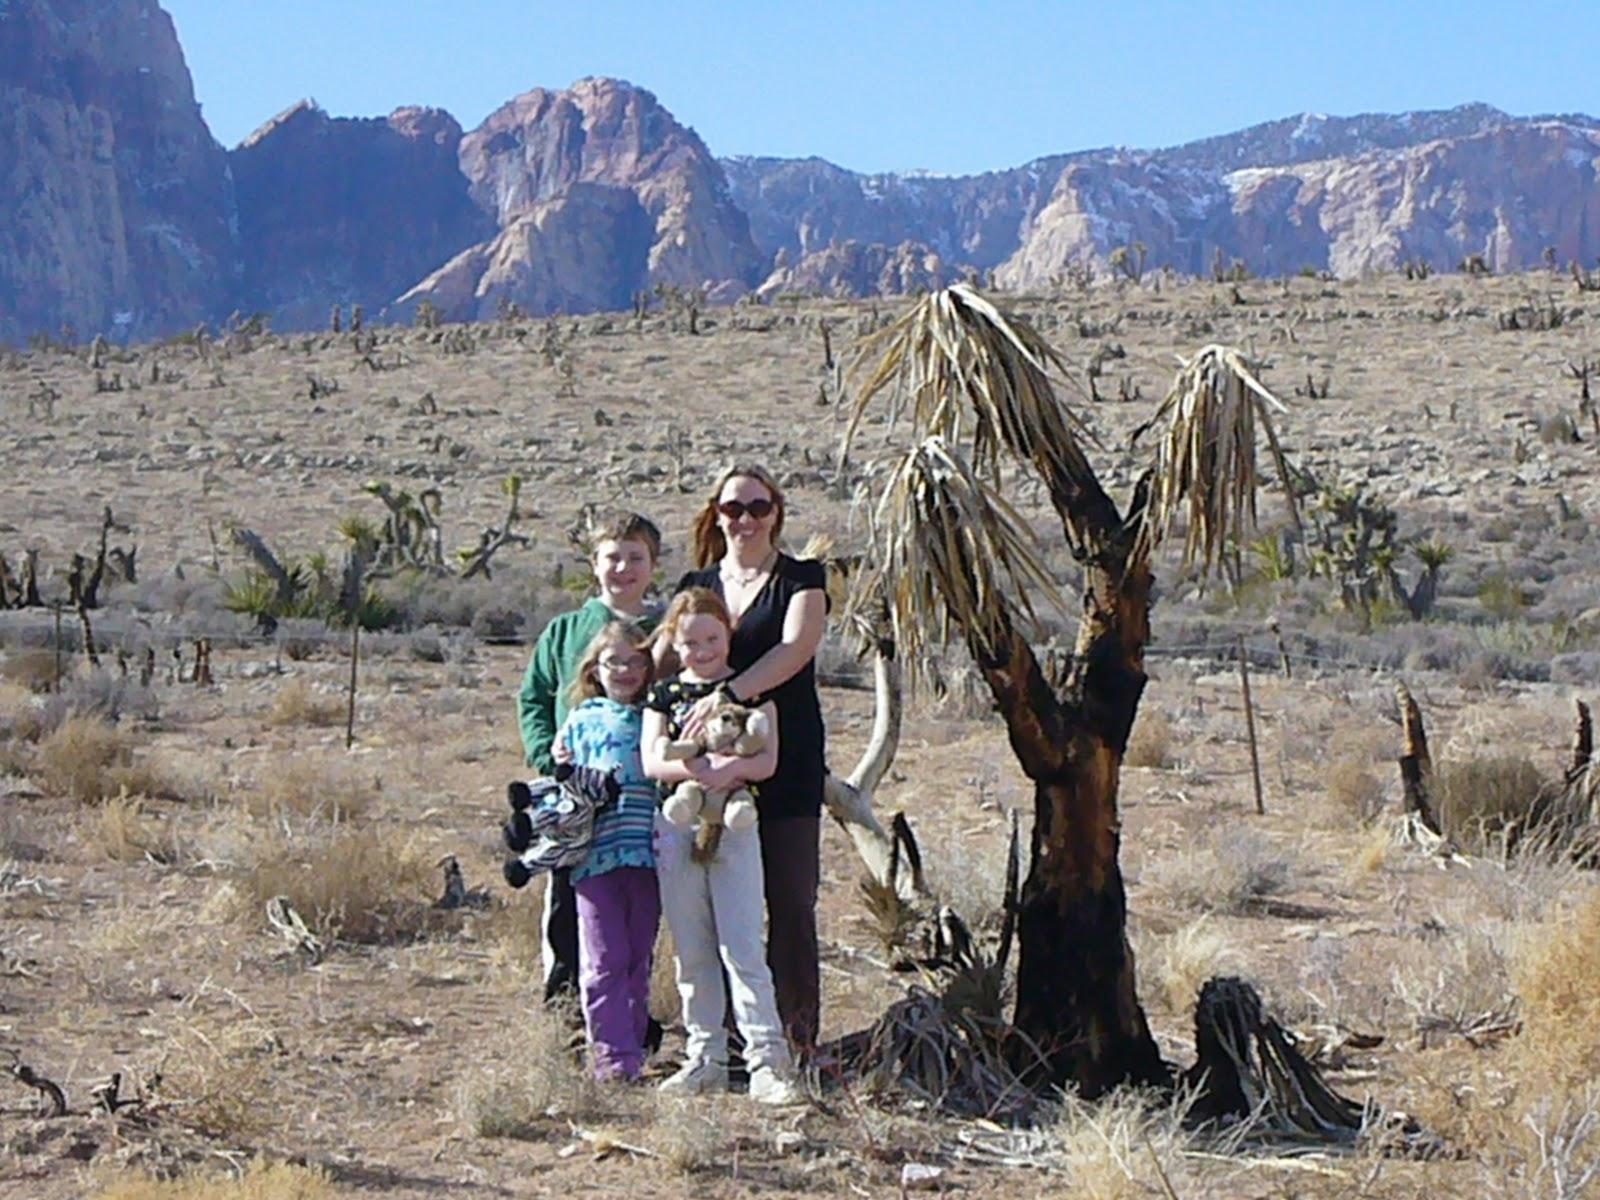 http://3.bp.blogspot.com/-mSvHmthwK9k/TyWGL5bdV9I/AAAAAAAABb0/uW0VapTkTzM/s1600/Family+at+Red+Rock+2.JPG